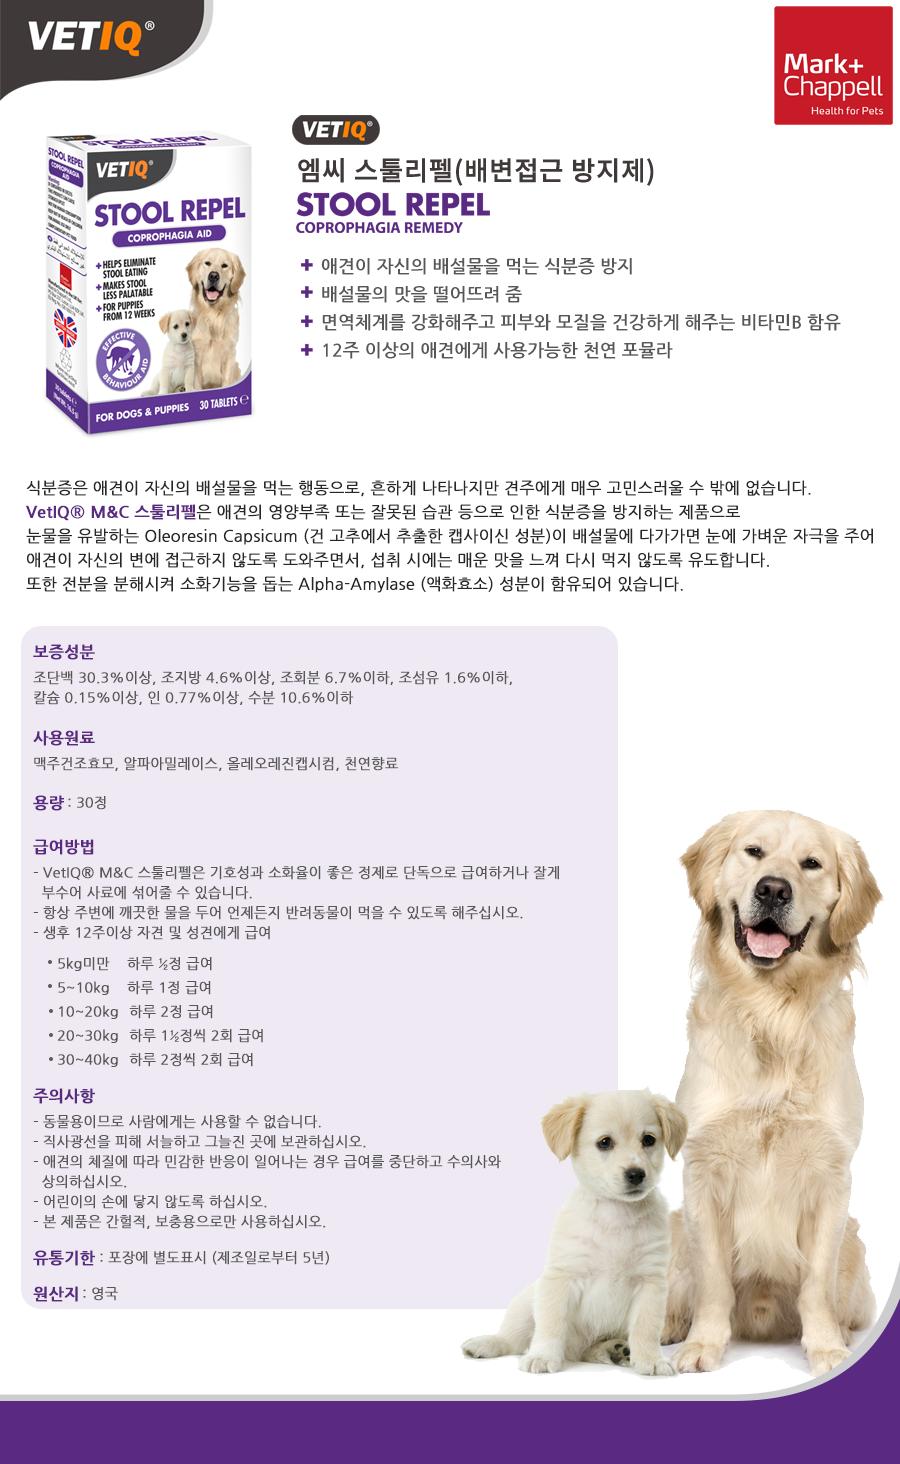 엠씨 스툴리펠 배변접근방지제 (30정)-상품이미지-0